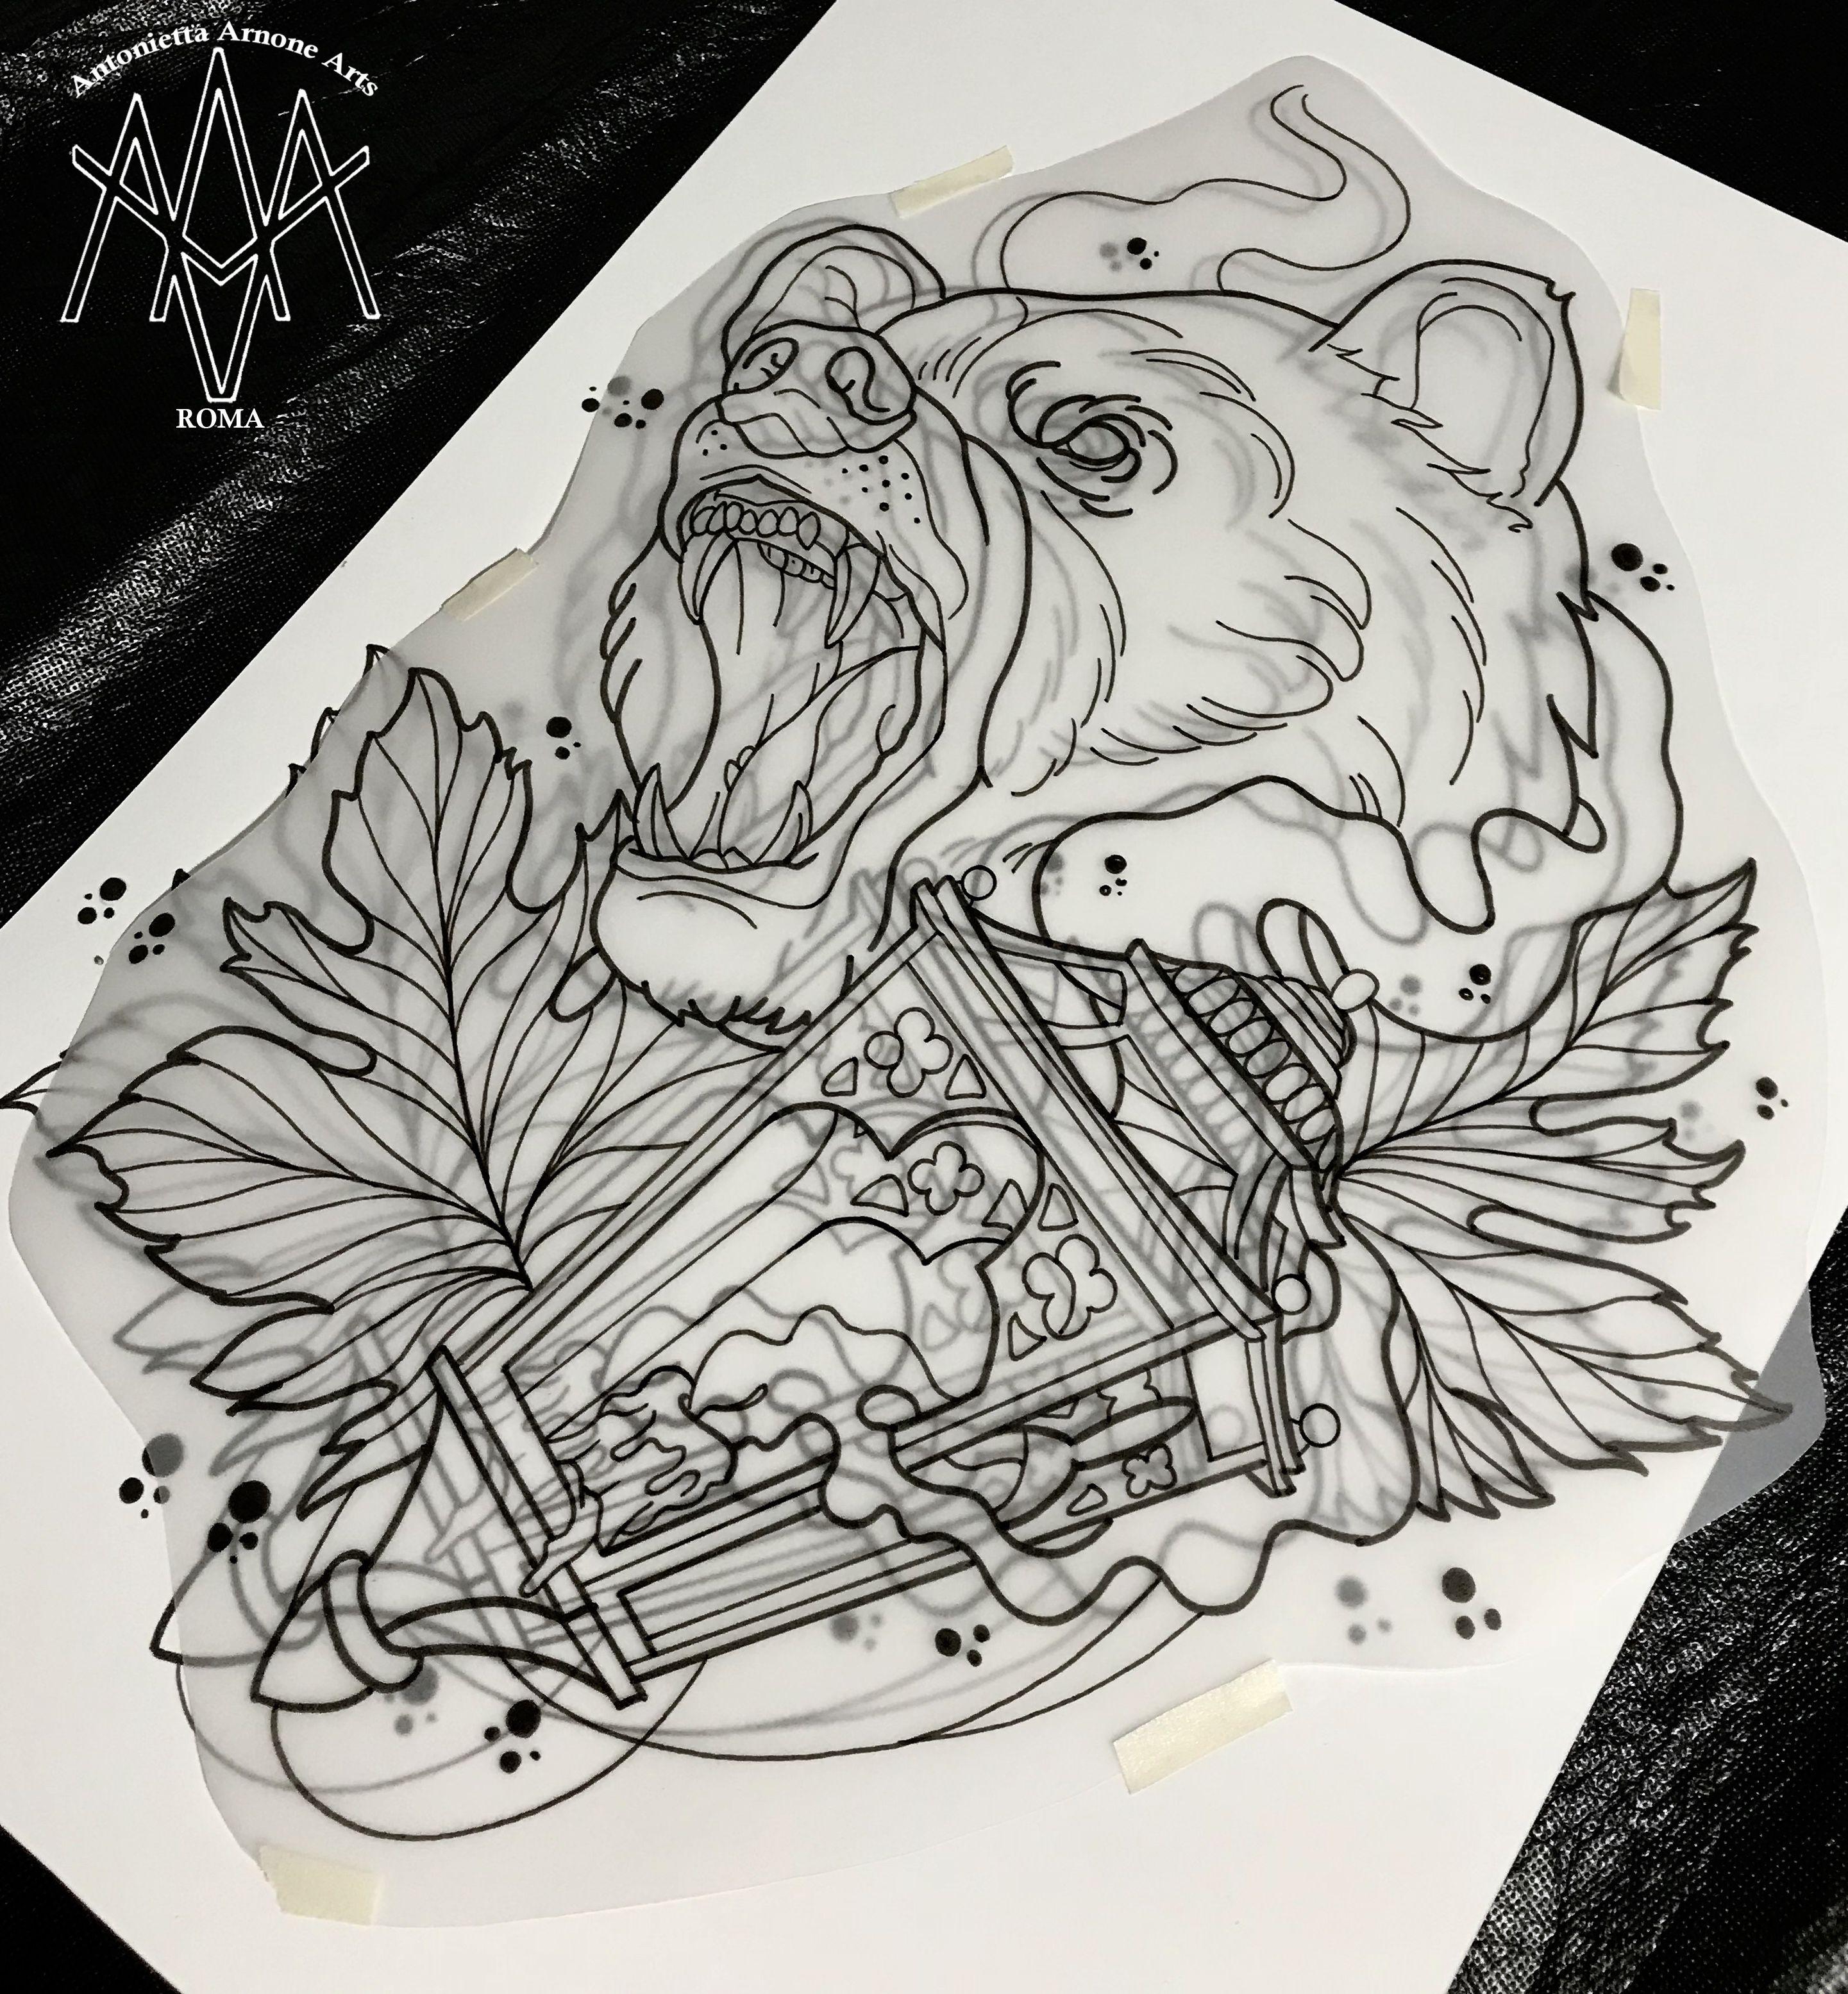 #bear #beartattoo #tattoobear #antoniettaarnonearts